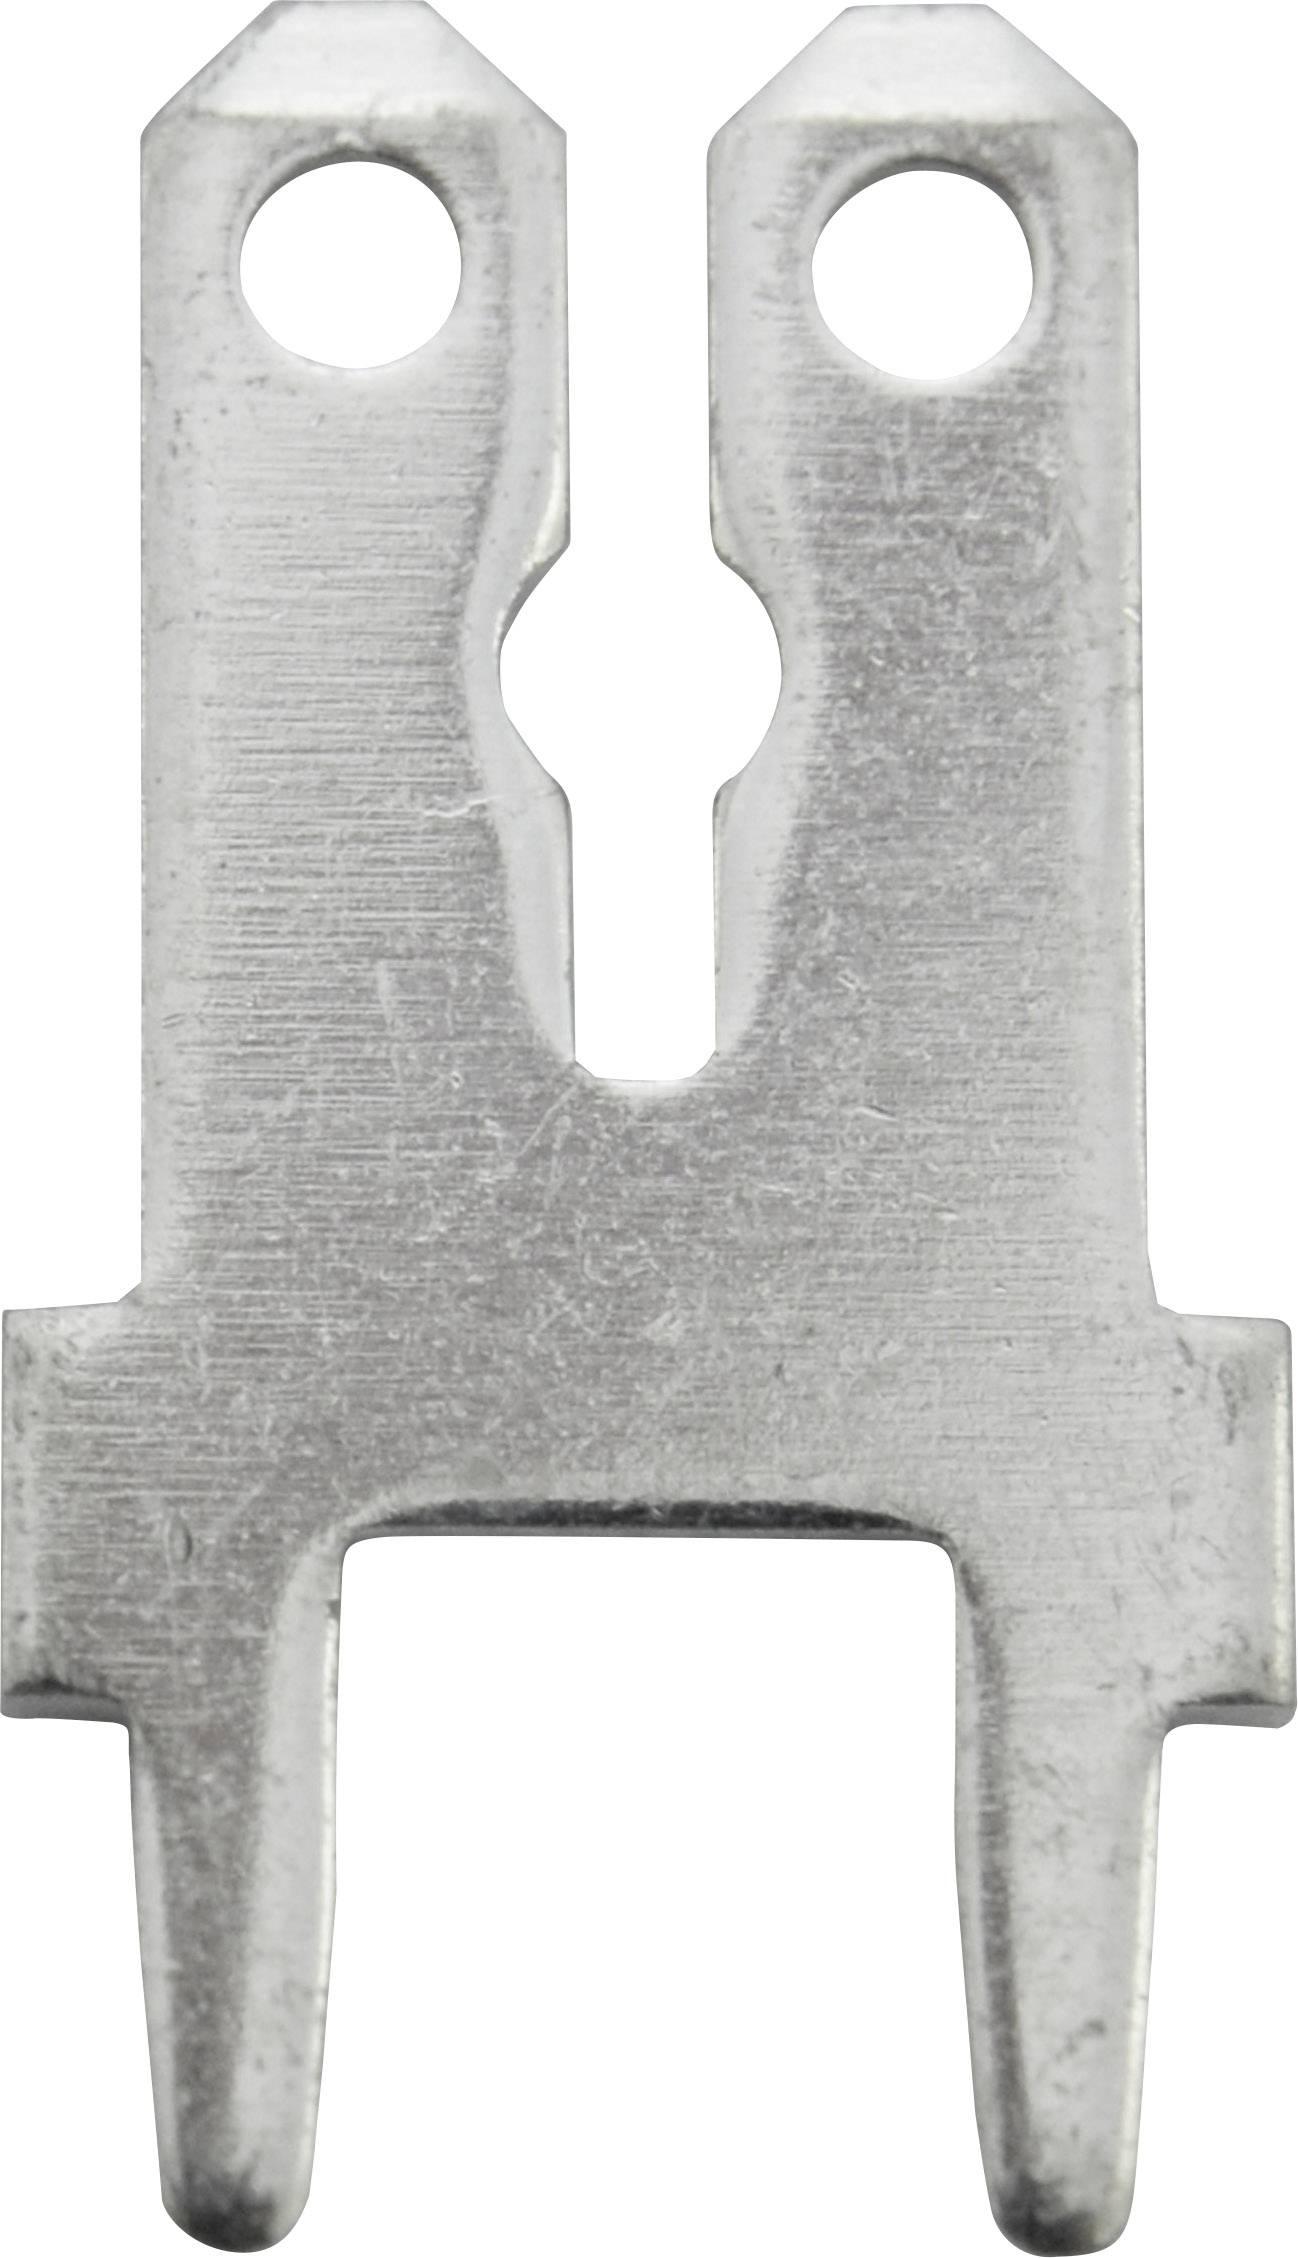 Jazýčkový konektor neizol. Vogt 3866C.68, 0,8 mm, 180 °, 5 mm, kov